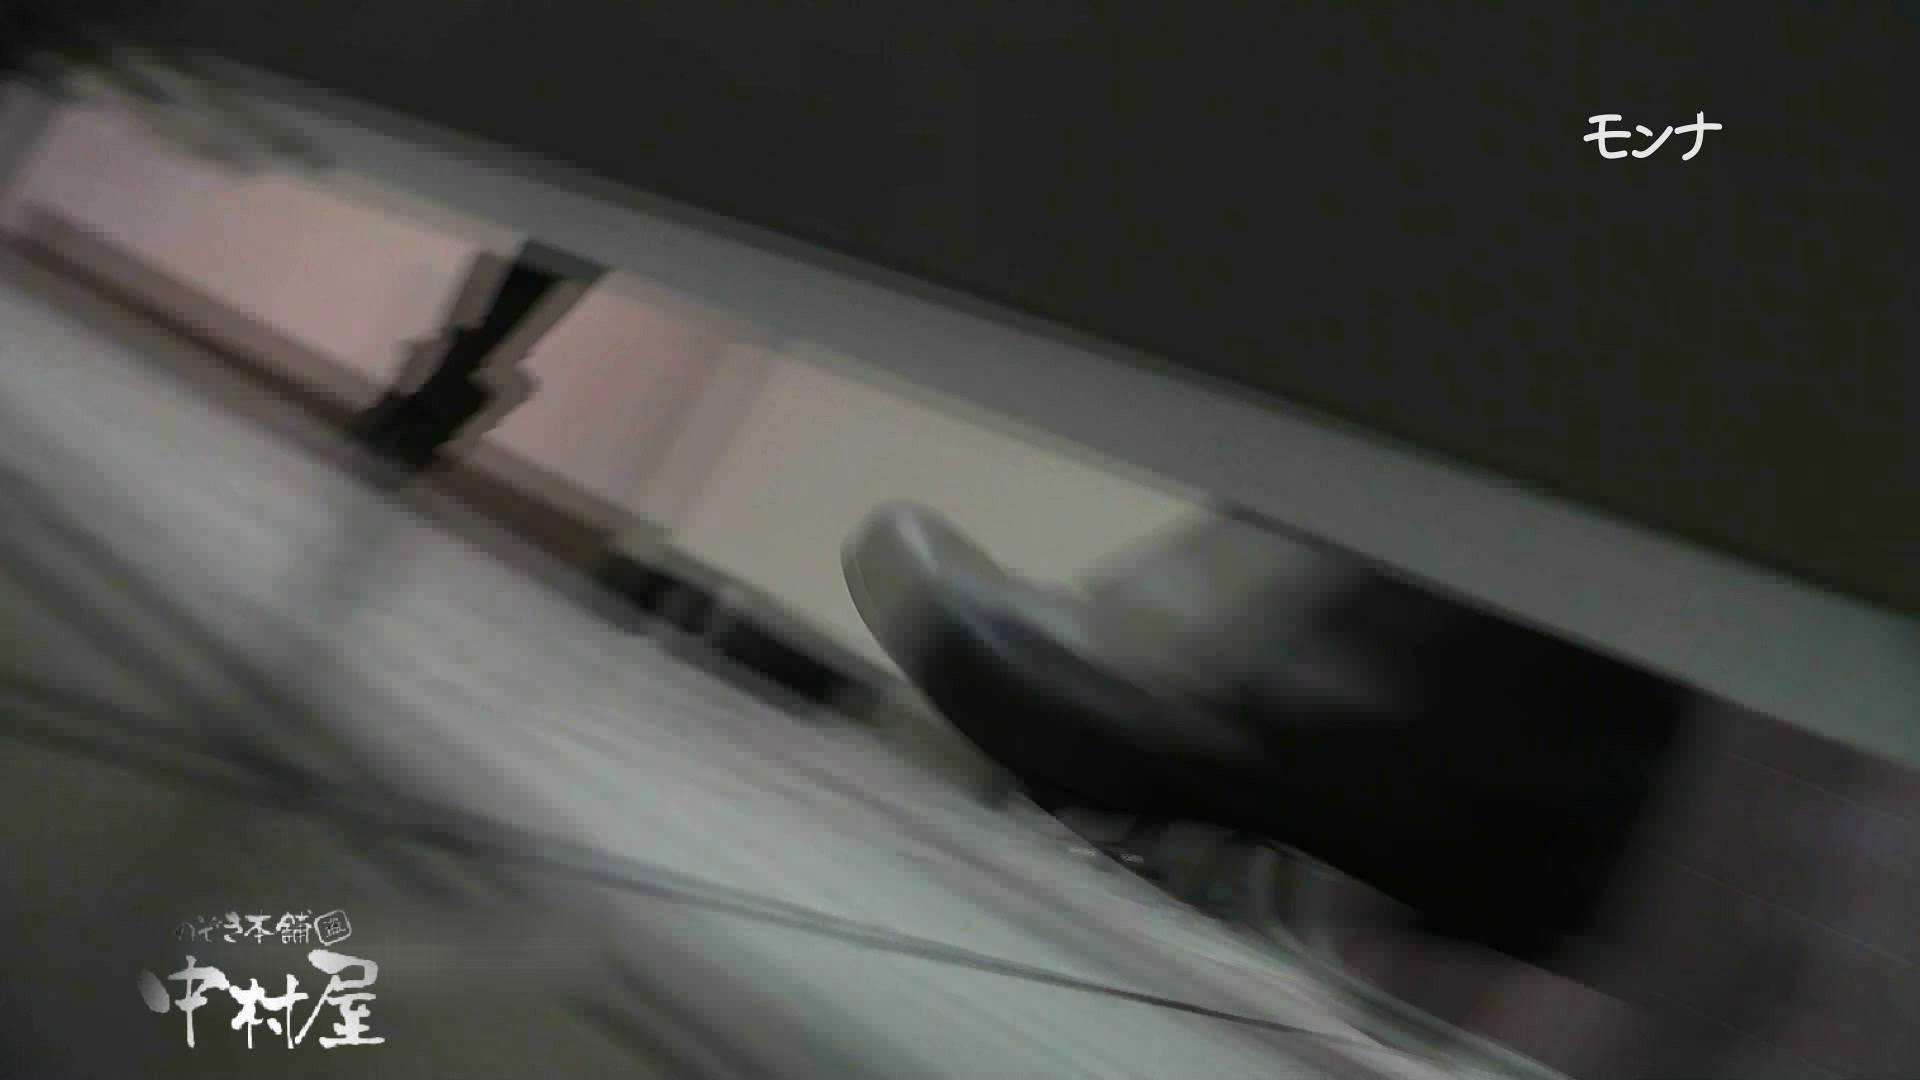 【美しい日本の未来】遂に!!戸田恵梨香似の予告モデル登場ダッシュで「大」後編 Hなモデル  105pic 100